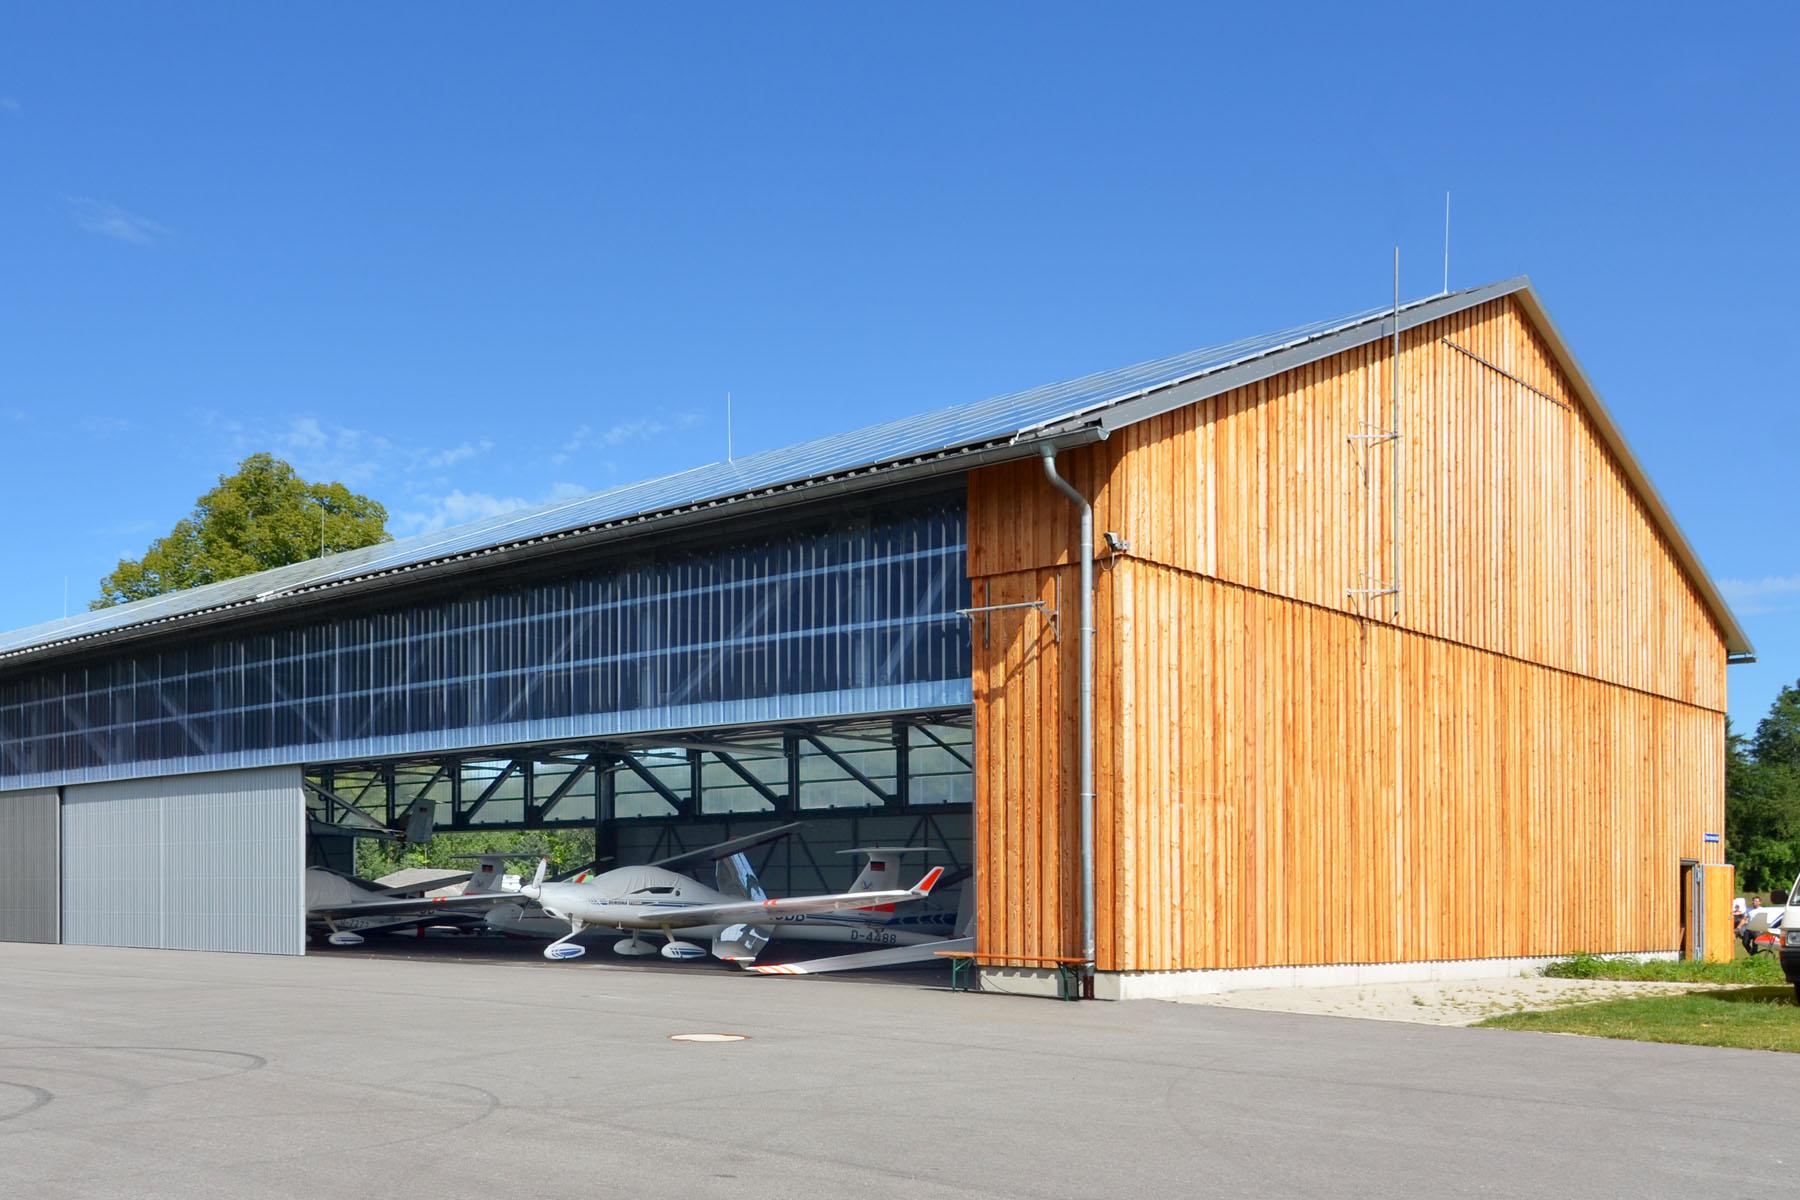 Hangar für Segelflugzeuge